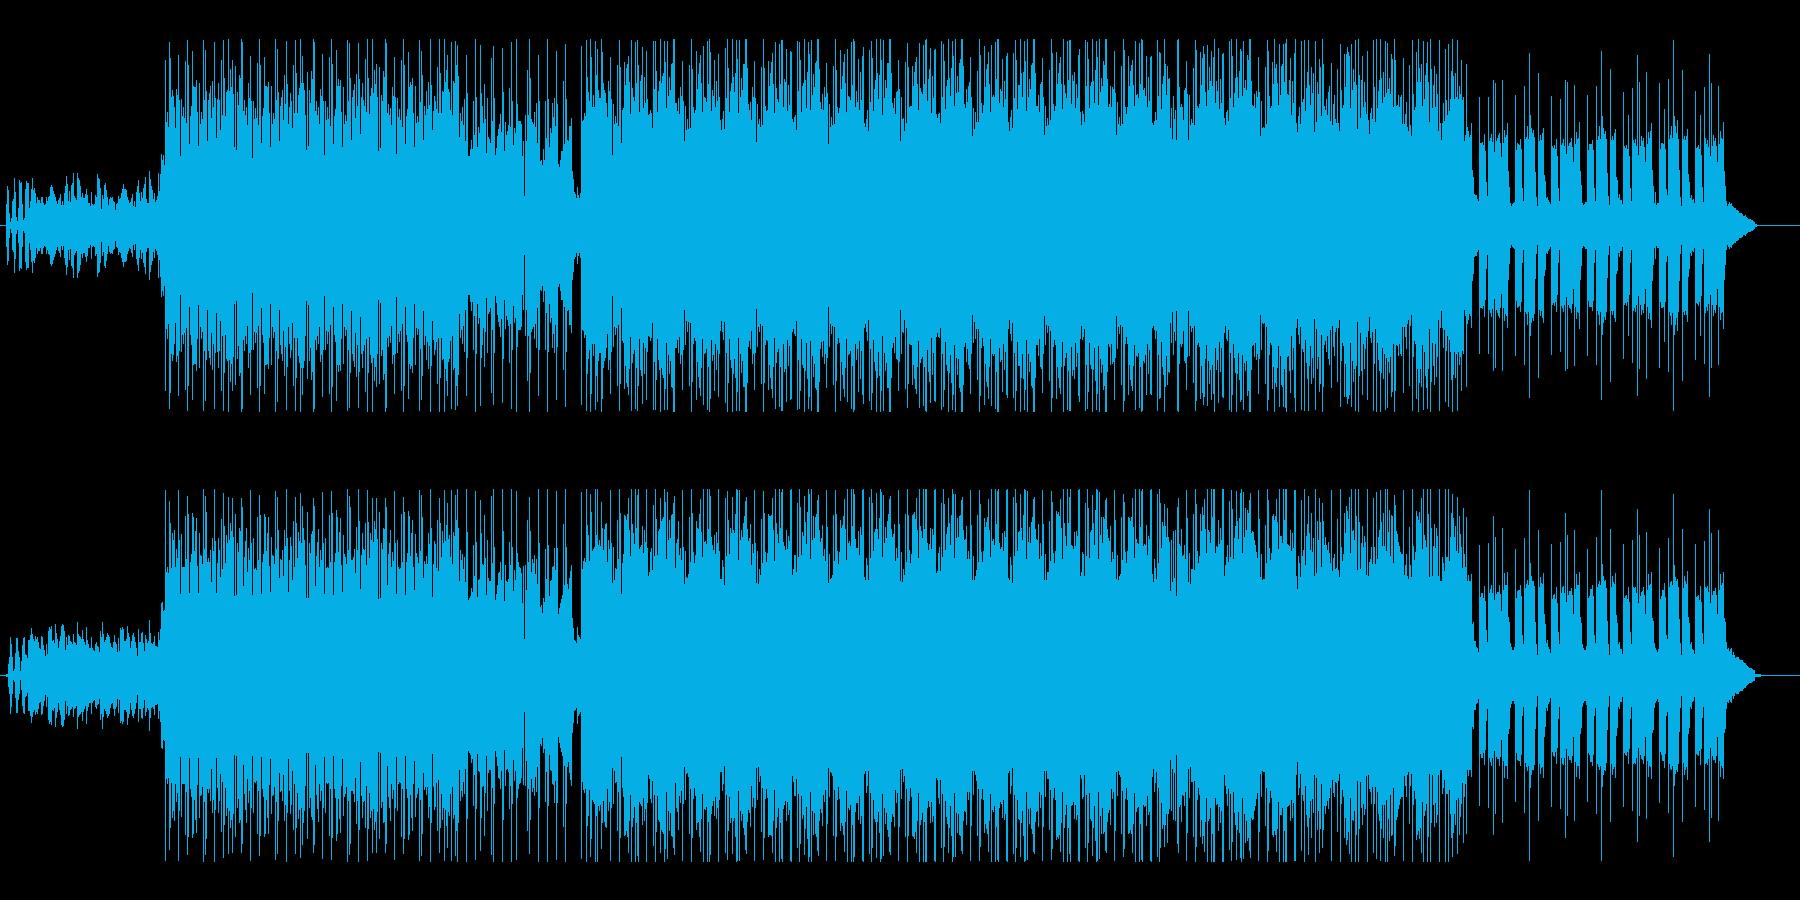 透明感のあるリラックス系BGMの再生済みの波形